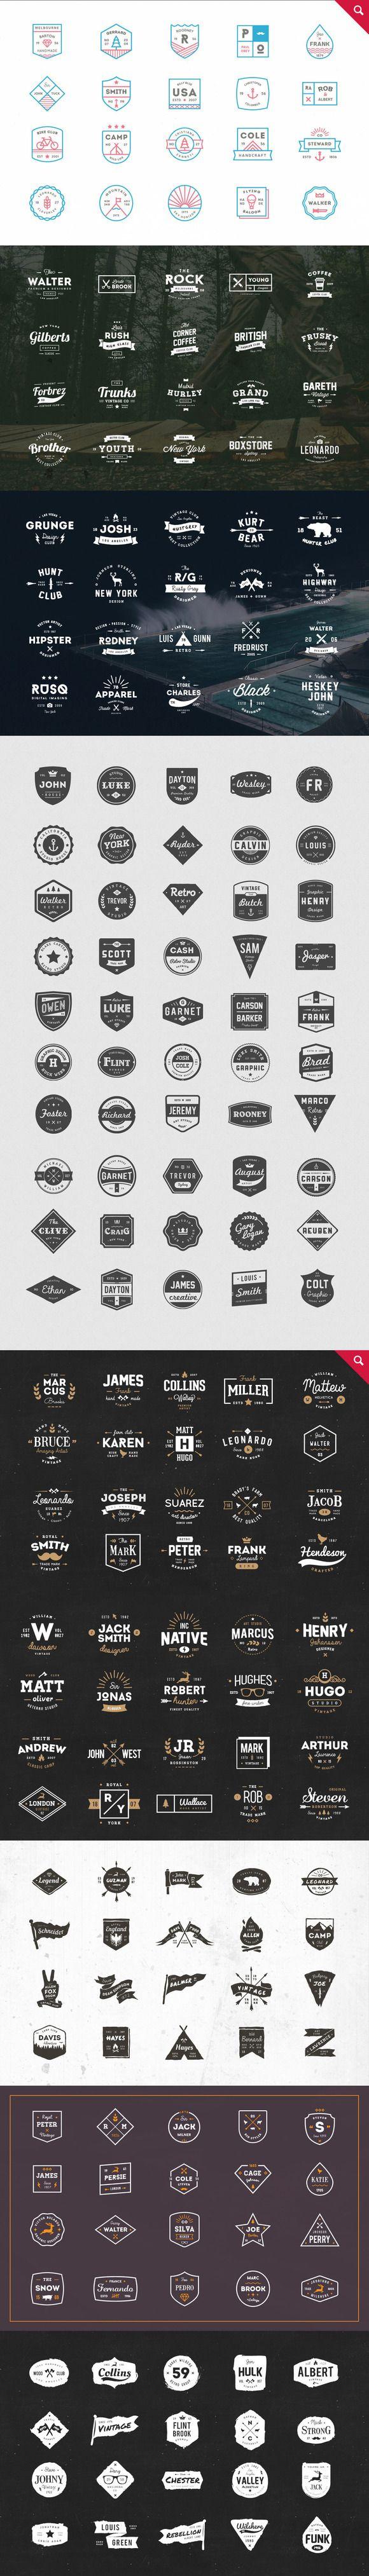 465 Logos Bundle - 90% off - Logos - 5